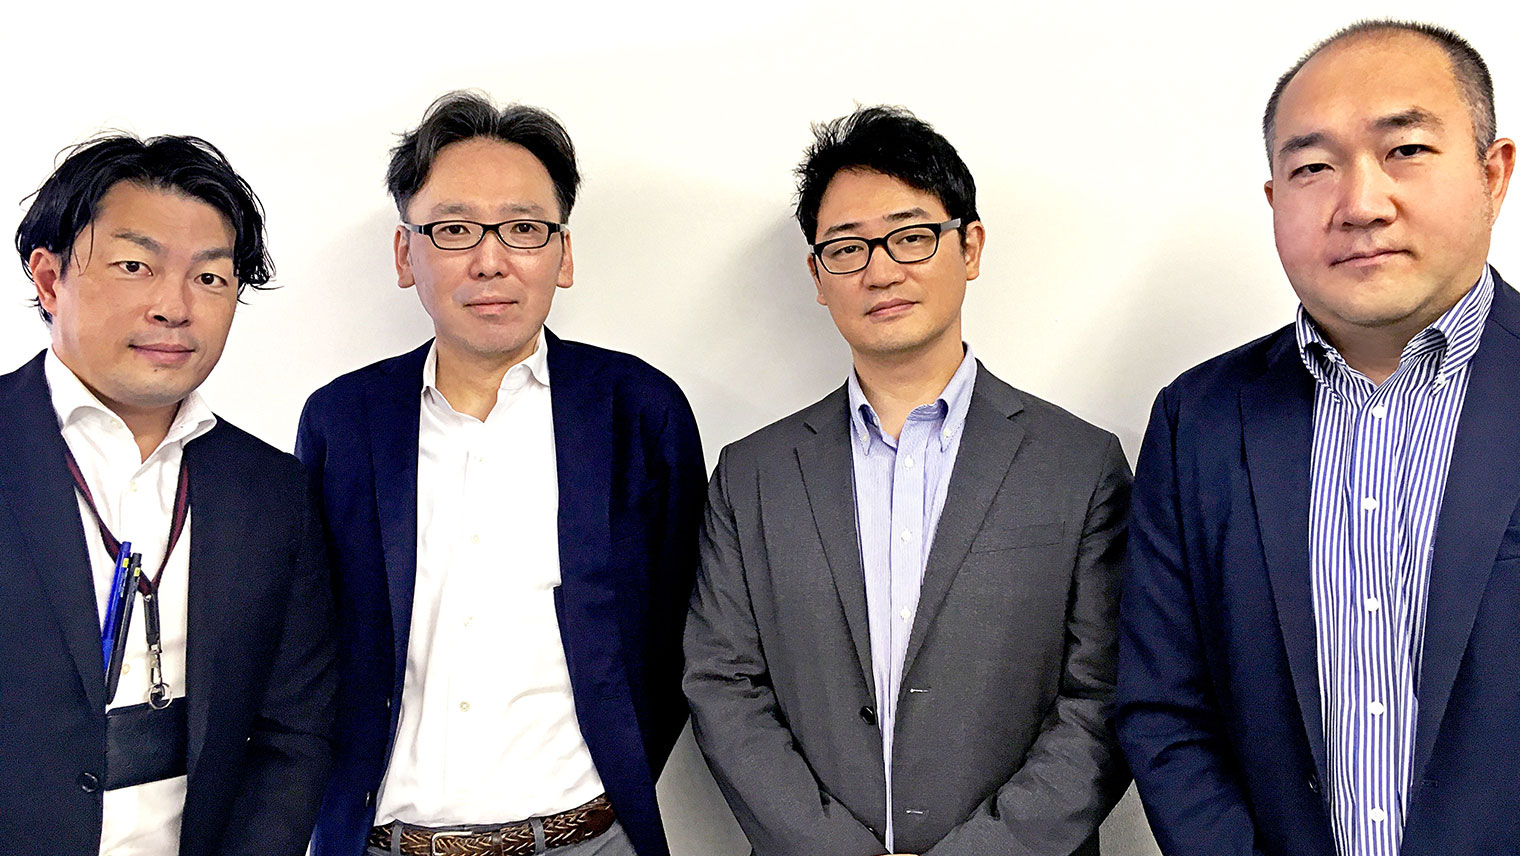 右より2番目:イオンエンターテイメント株式会社 取締役 小金澤 剛康さん